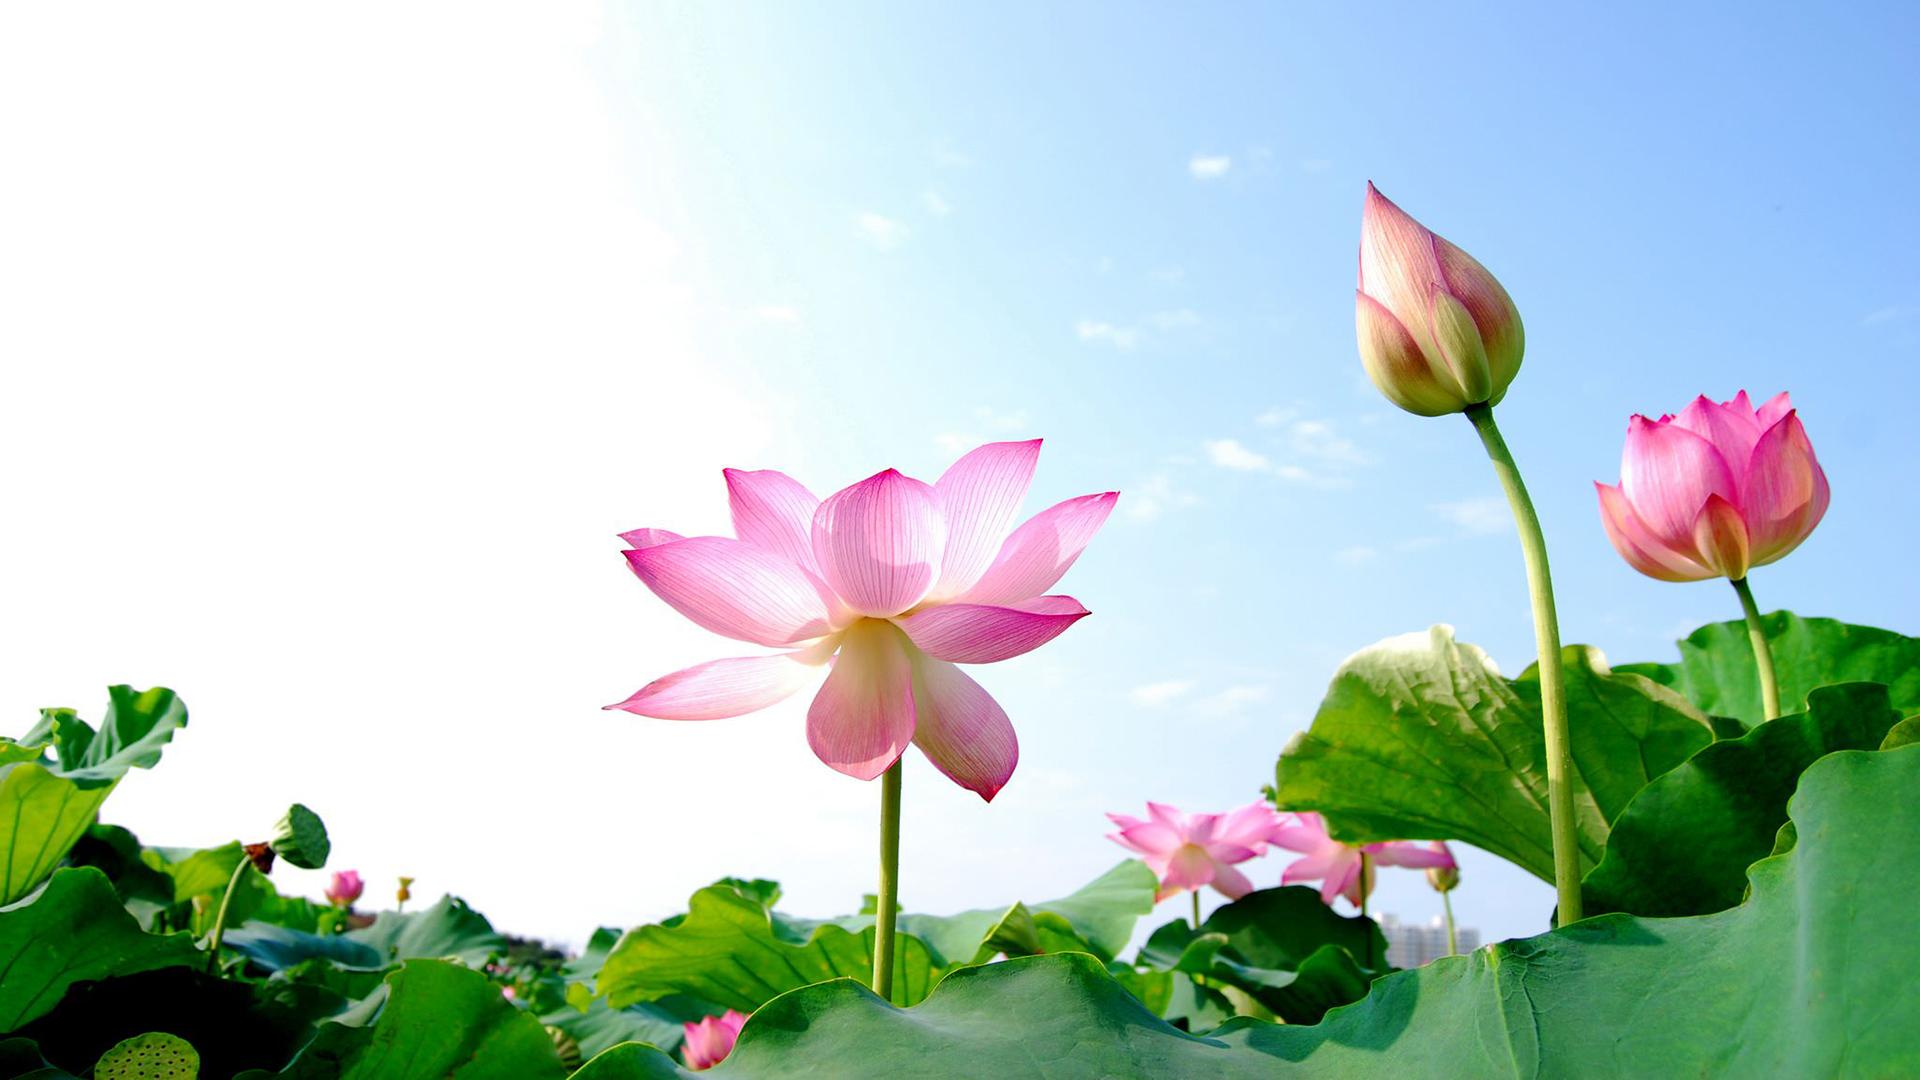 Hình nền hoa sen dưới nắng